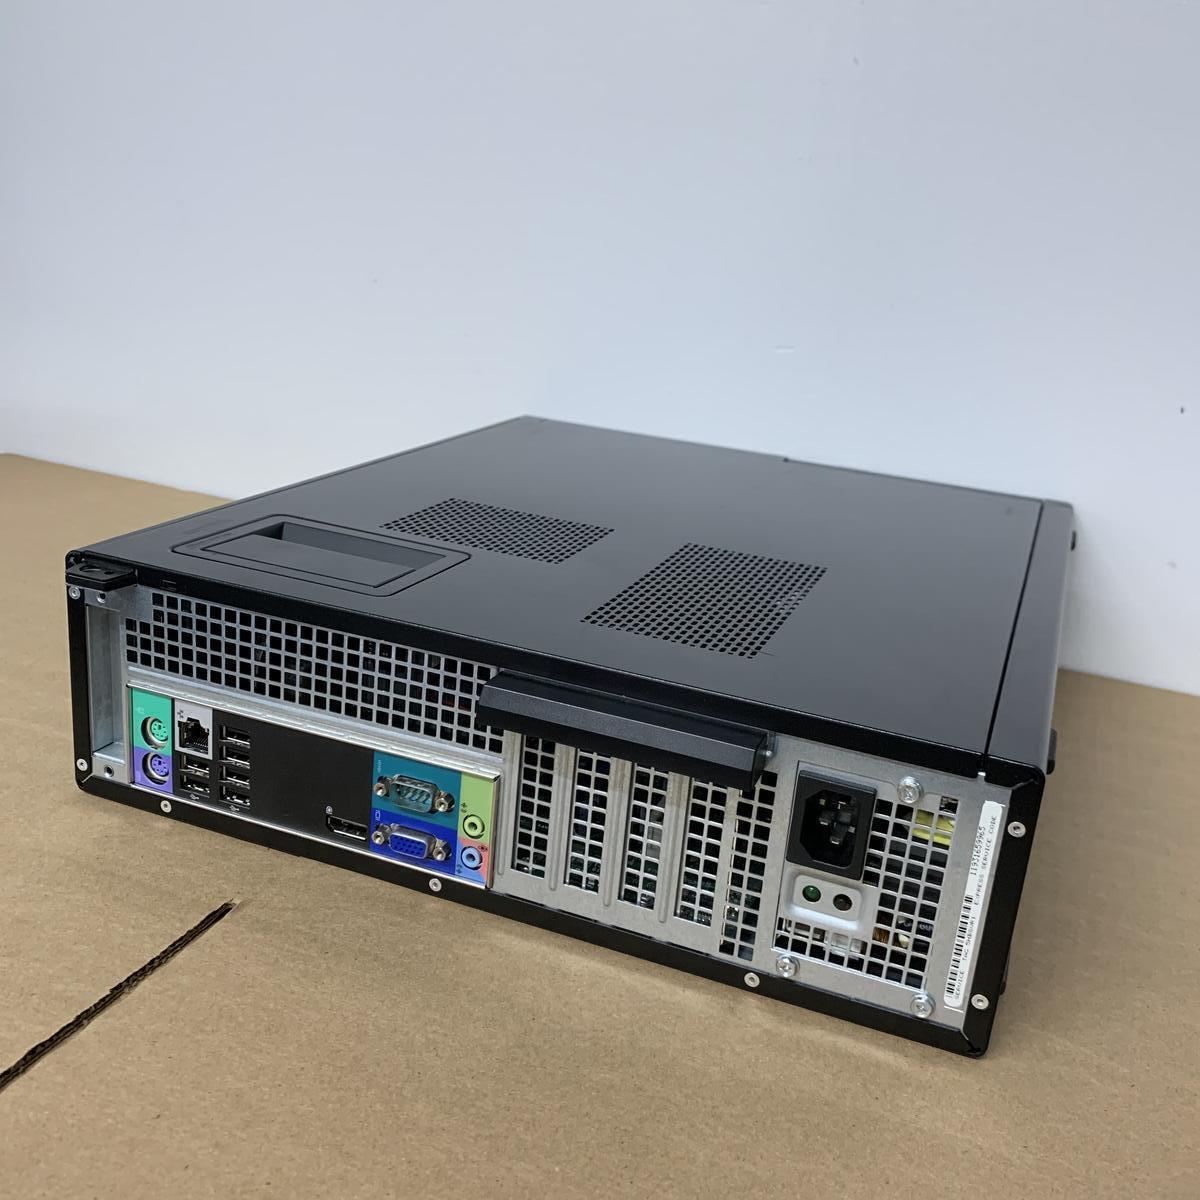 Dell OptiPlex 790 DT i5-2500 3.3GHz, 8GB RAM, 500GB HDD, WiFi 650MB/S, DVD+/-ROM, WINDOWS 10 Pro. REFURBISHED.